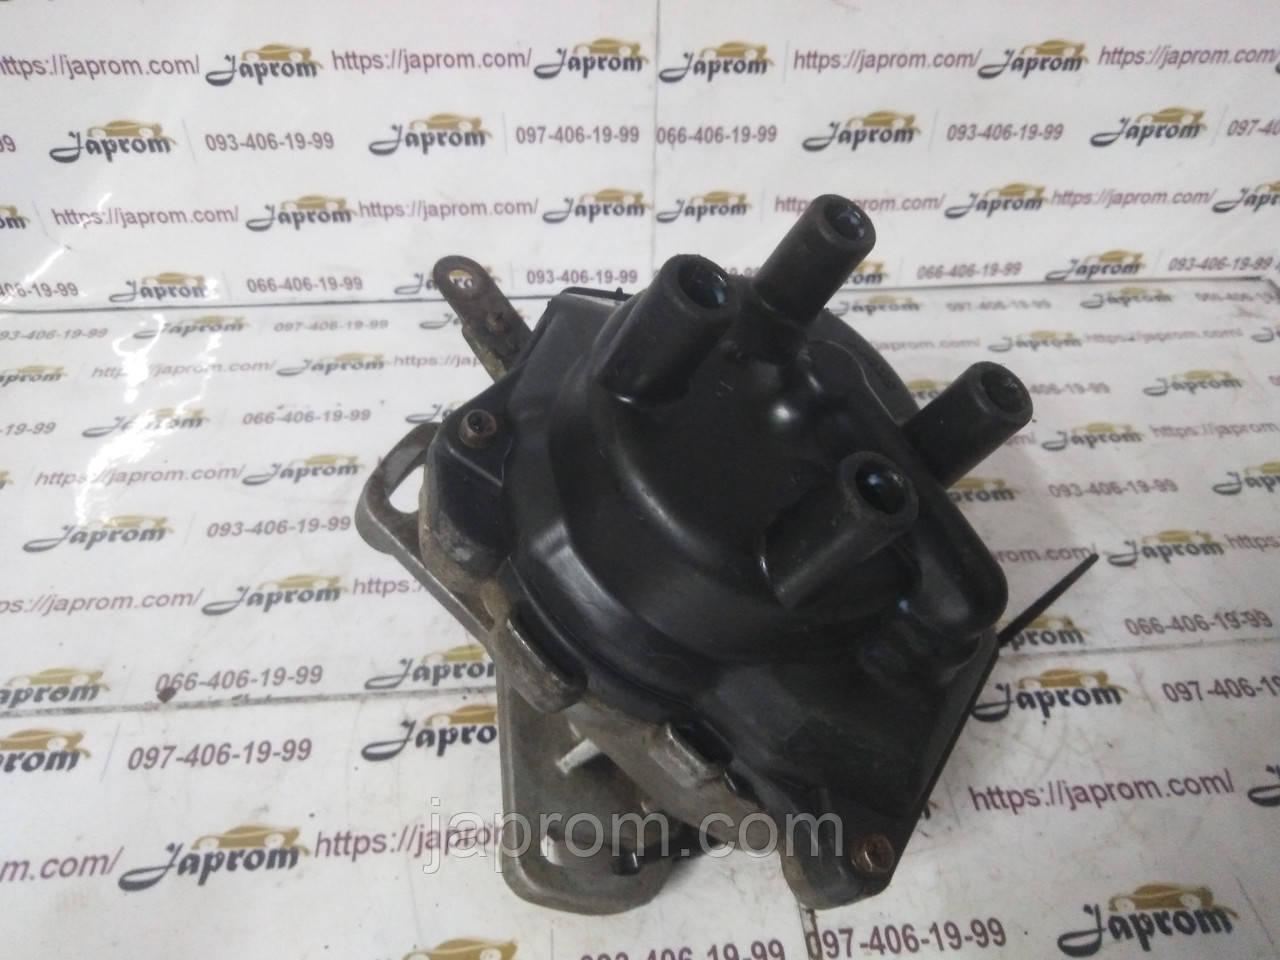 Розподільник (Трамблер) запалювання Honda Civic VI 1995-2000р.в. 30100-P1J-E01 1.4 1.6 бензин